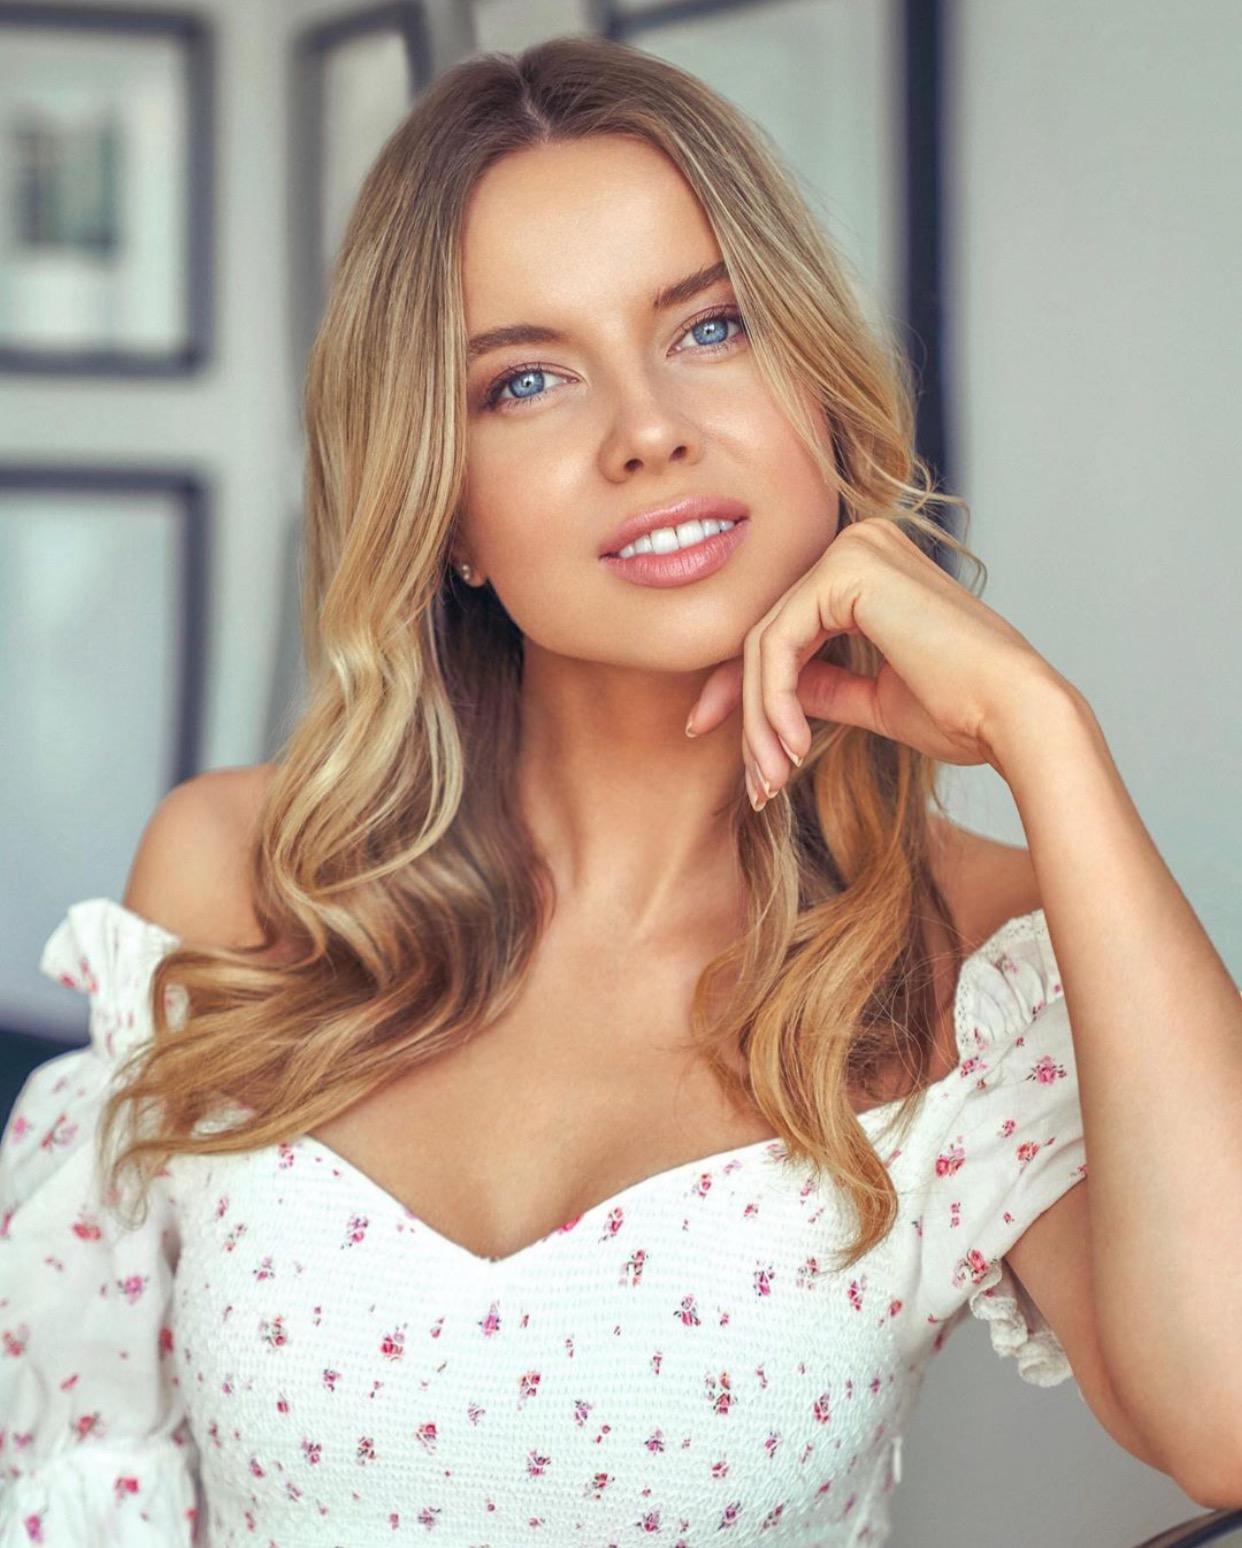 LOUSIA WARWICK